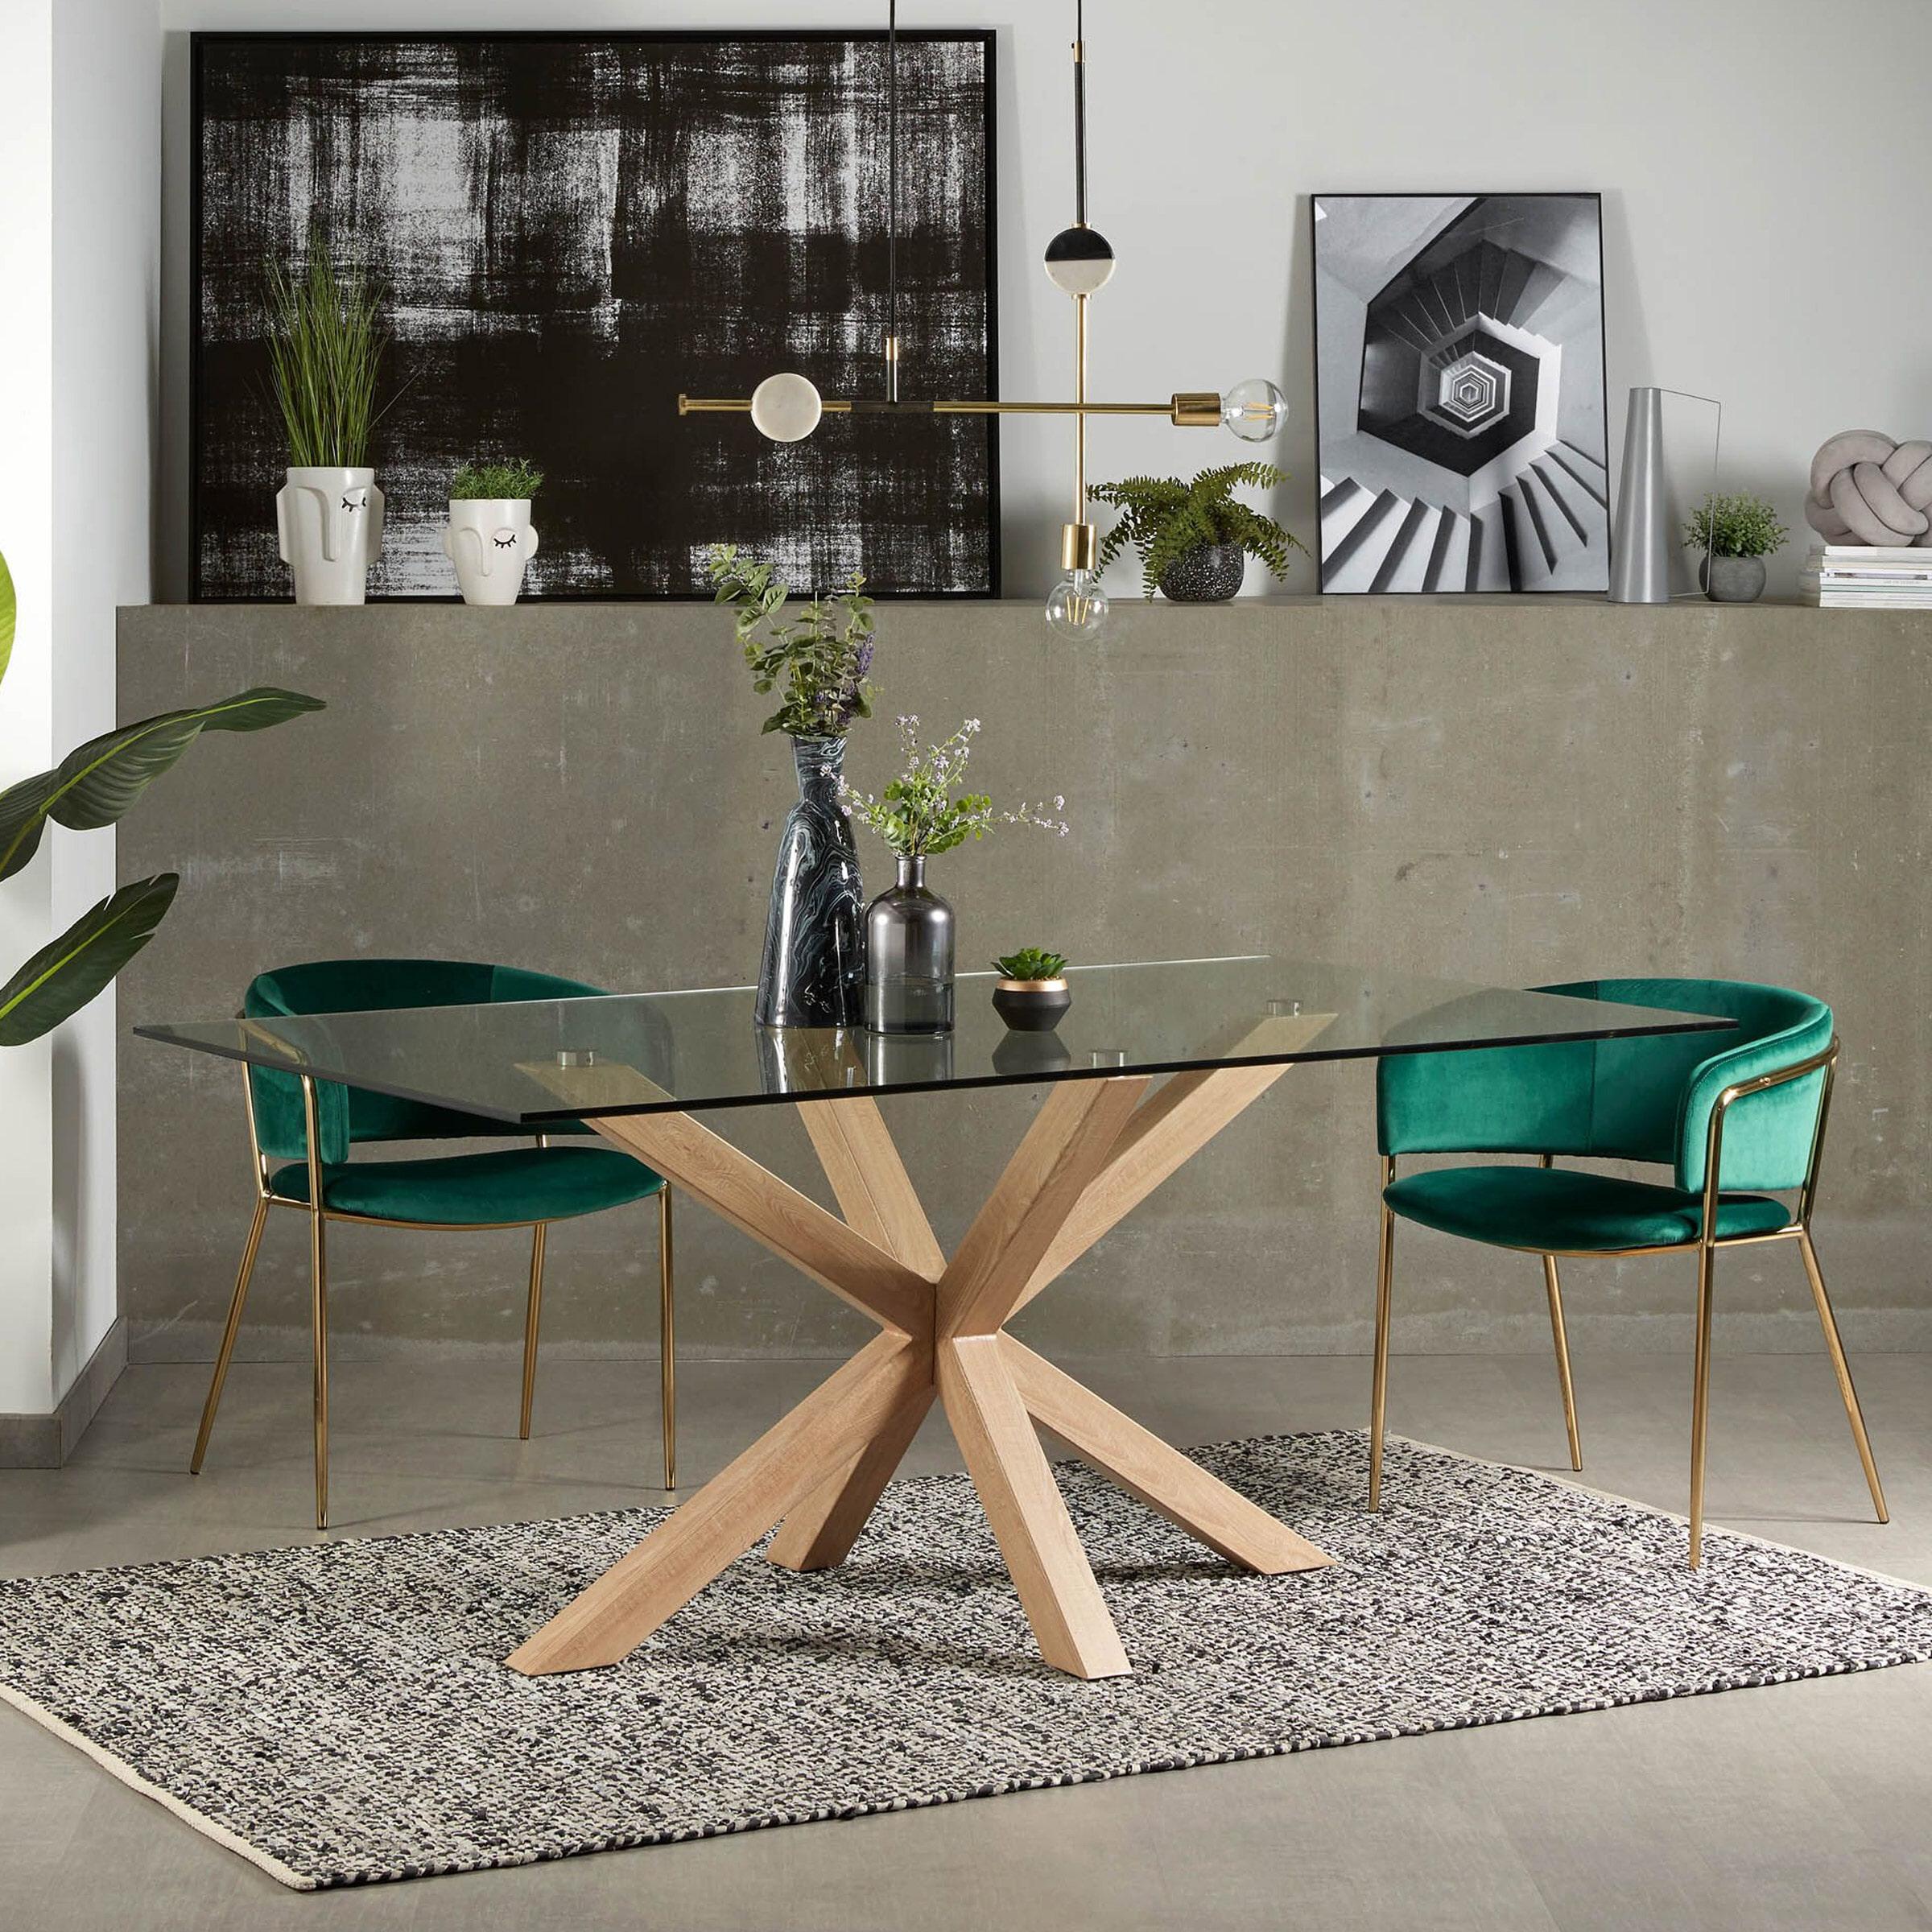 Kave Home Eettafel 'Argo' hout - glas, 180 x 100cm